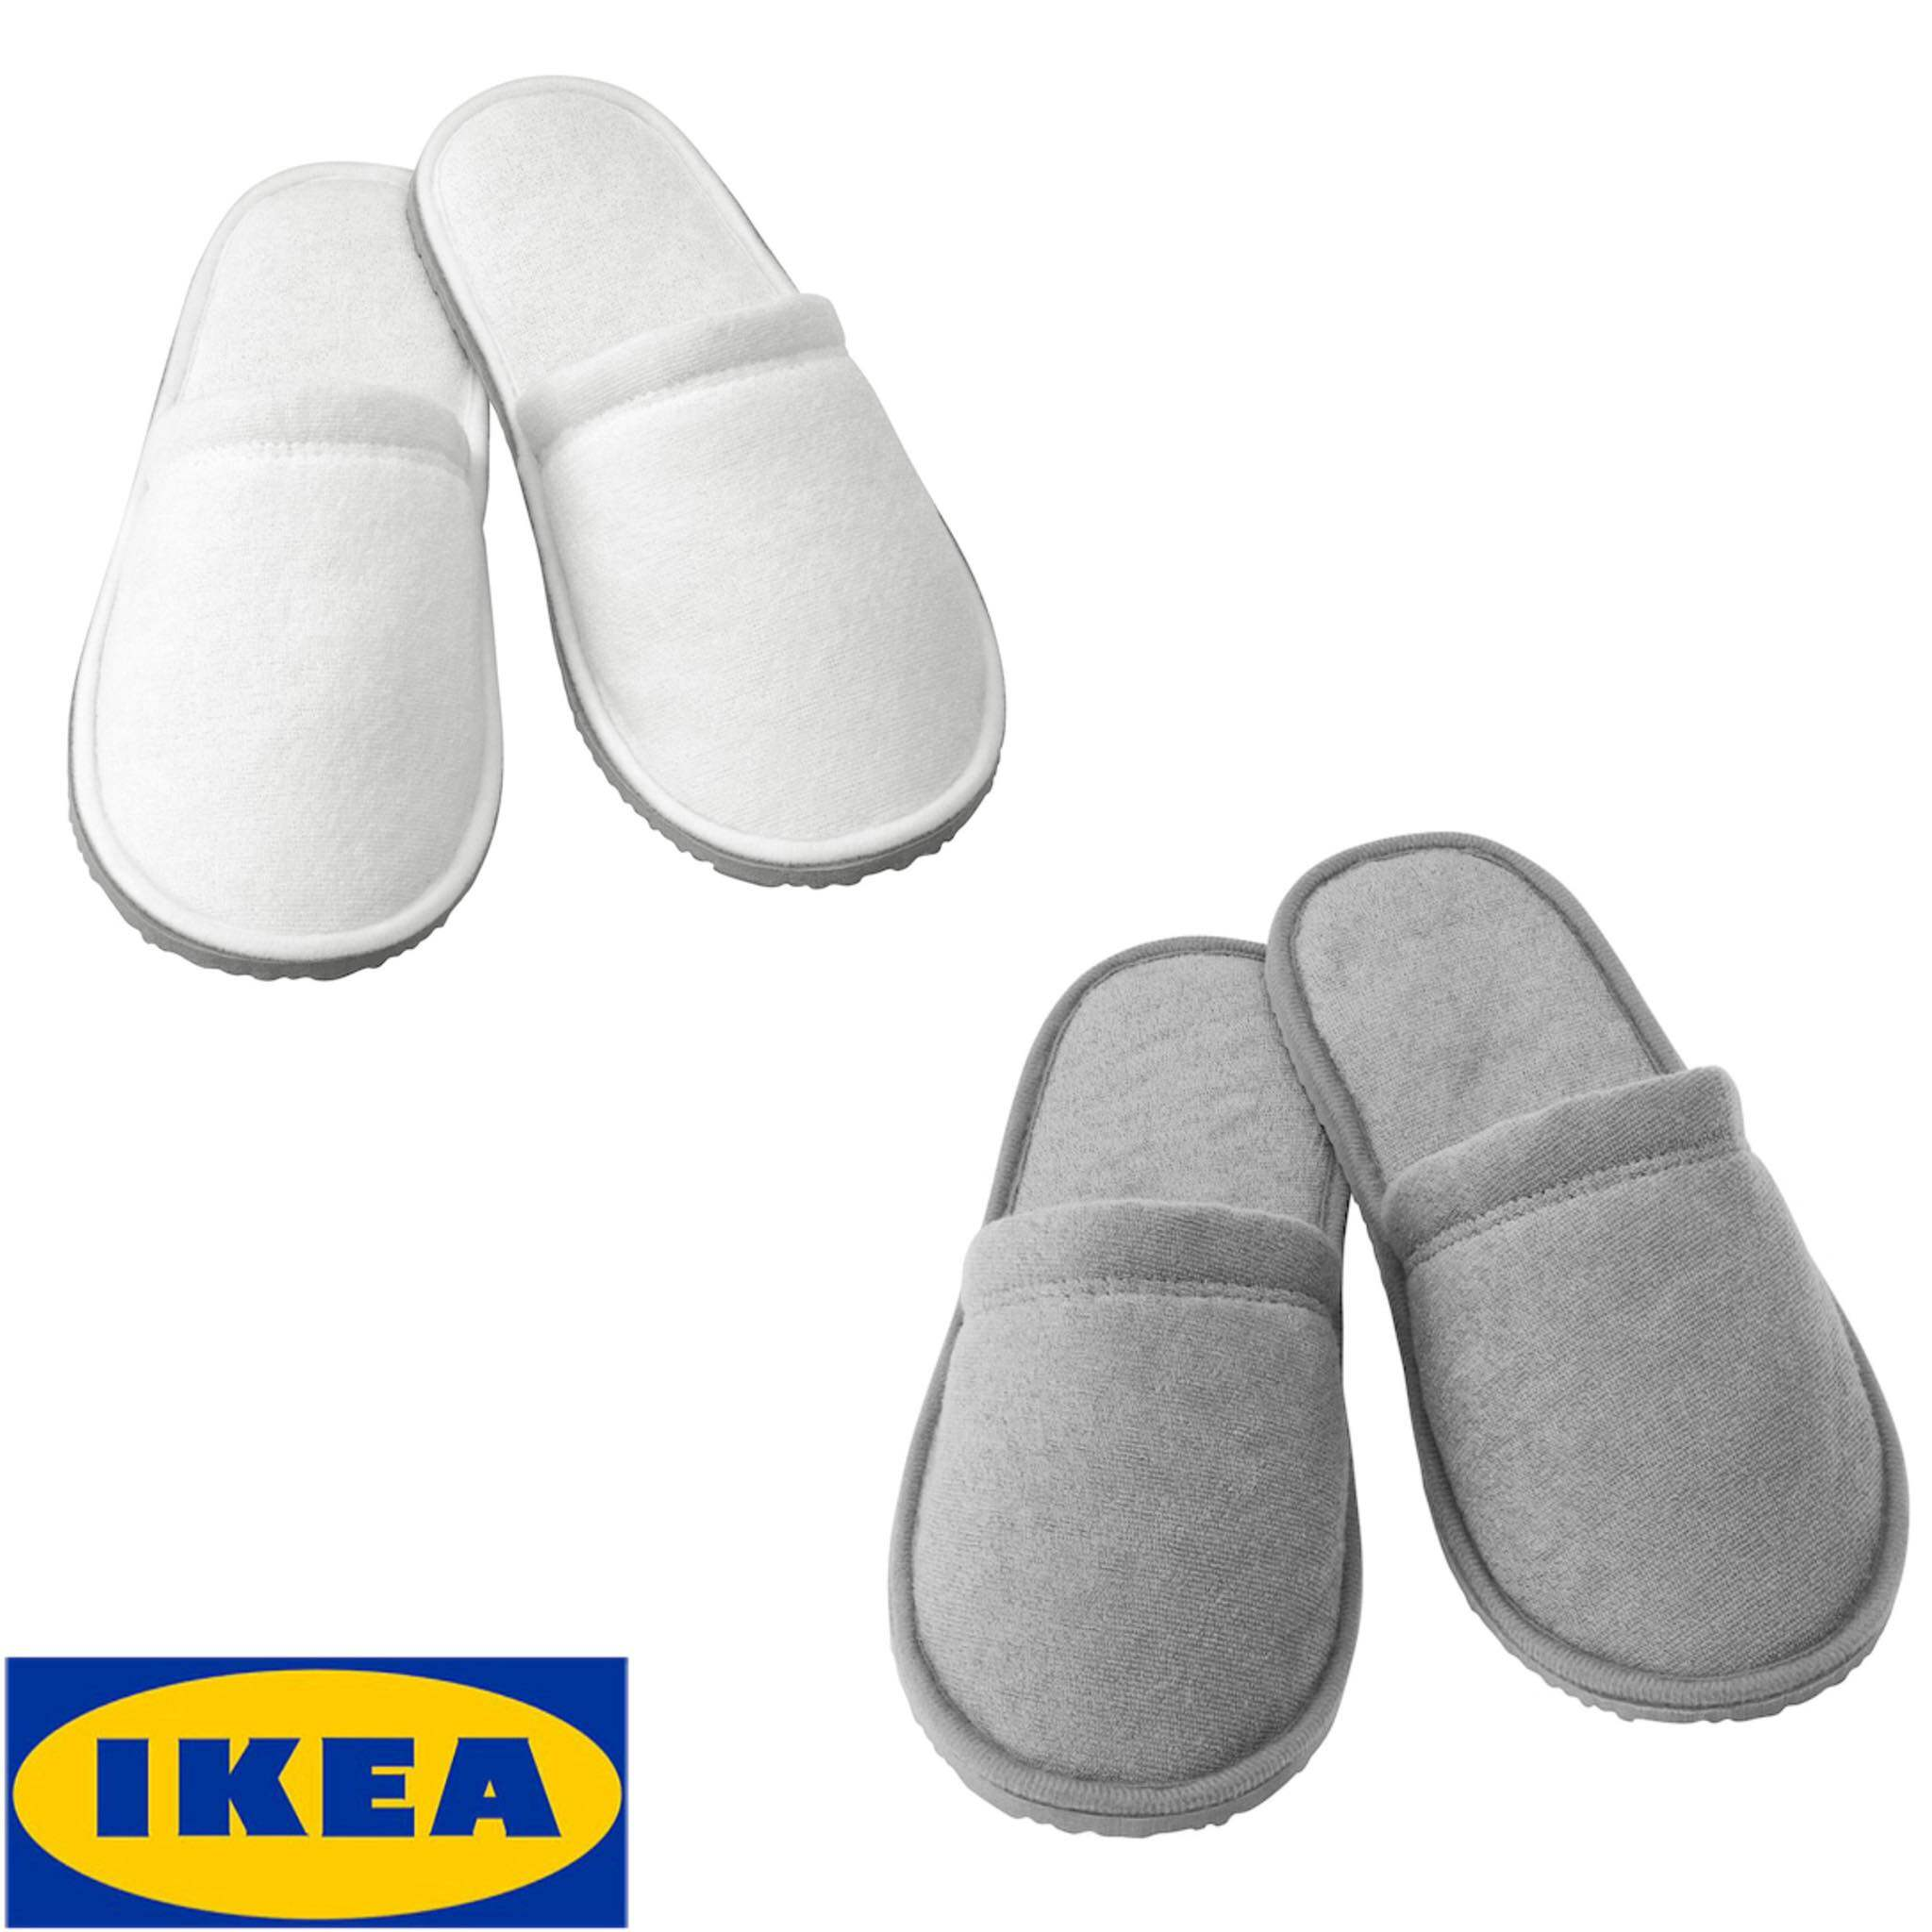 Ikea ของแท้ TÅsjÖn ทัวเควิน รองเท้าเดินในบ้าน, ขาว,เทา ขนาด S/m,l/xl.